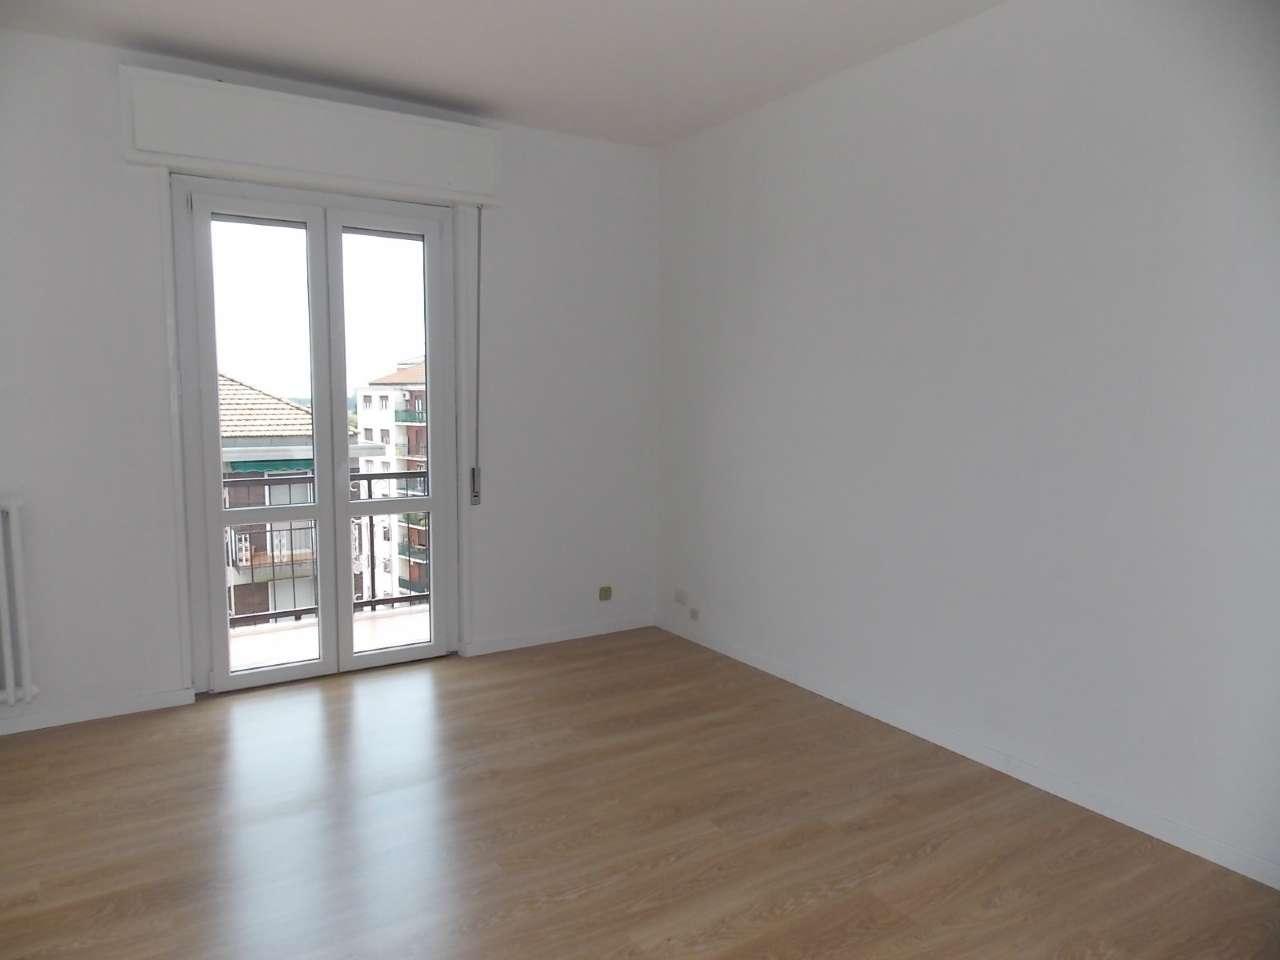 Appartamento ristrutturato in vendita Rif. 6451576